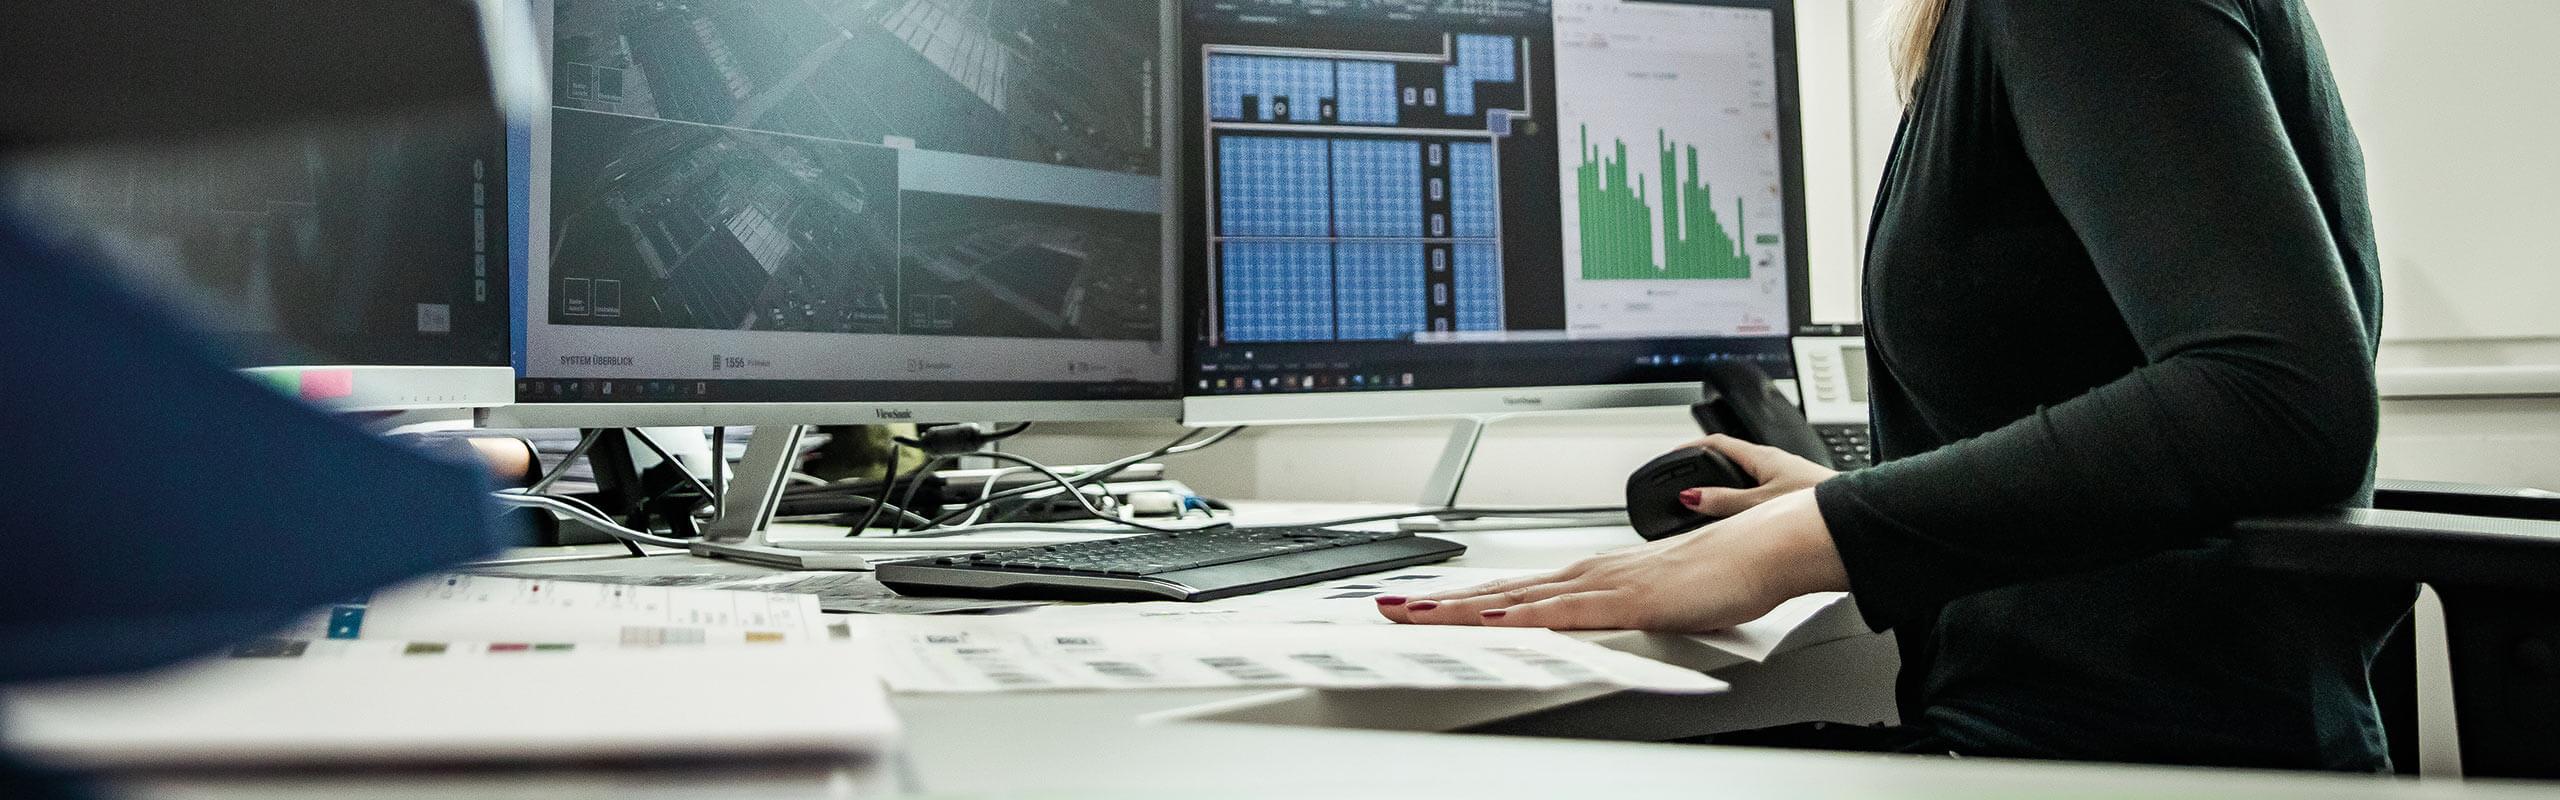 Mitarbeiterin am Computer Arbeitsplatz